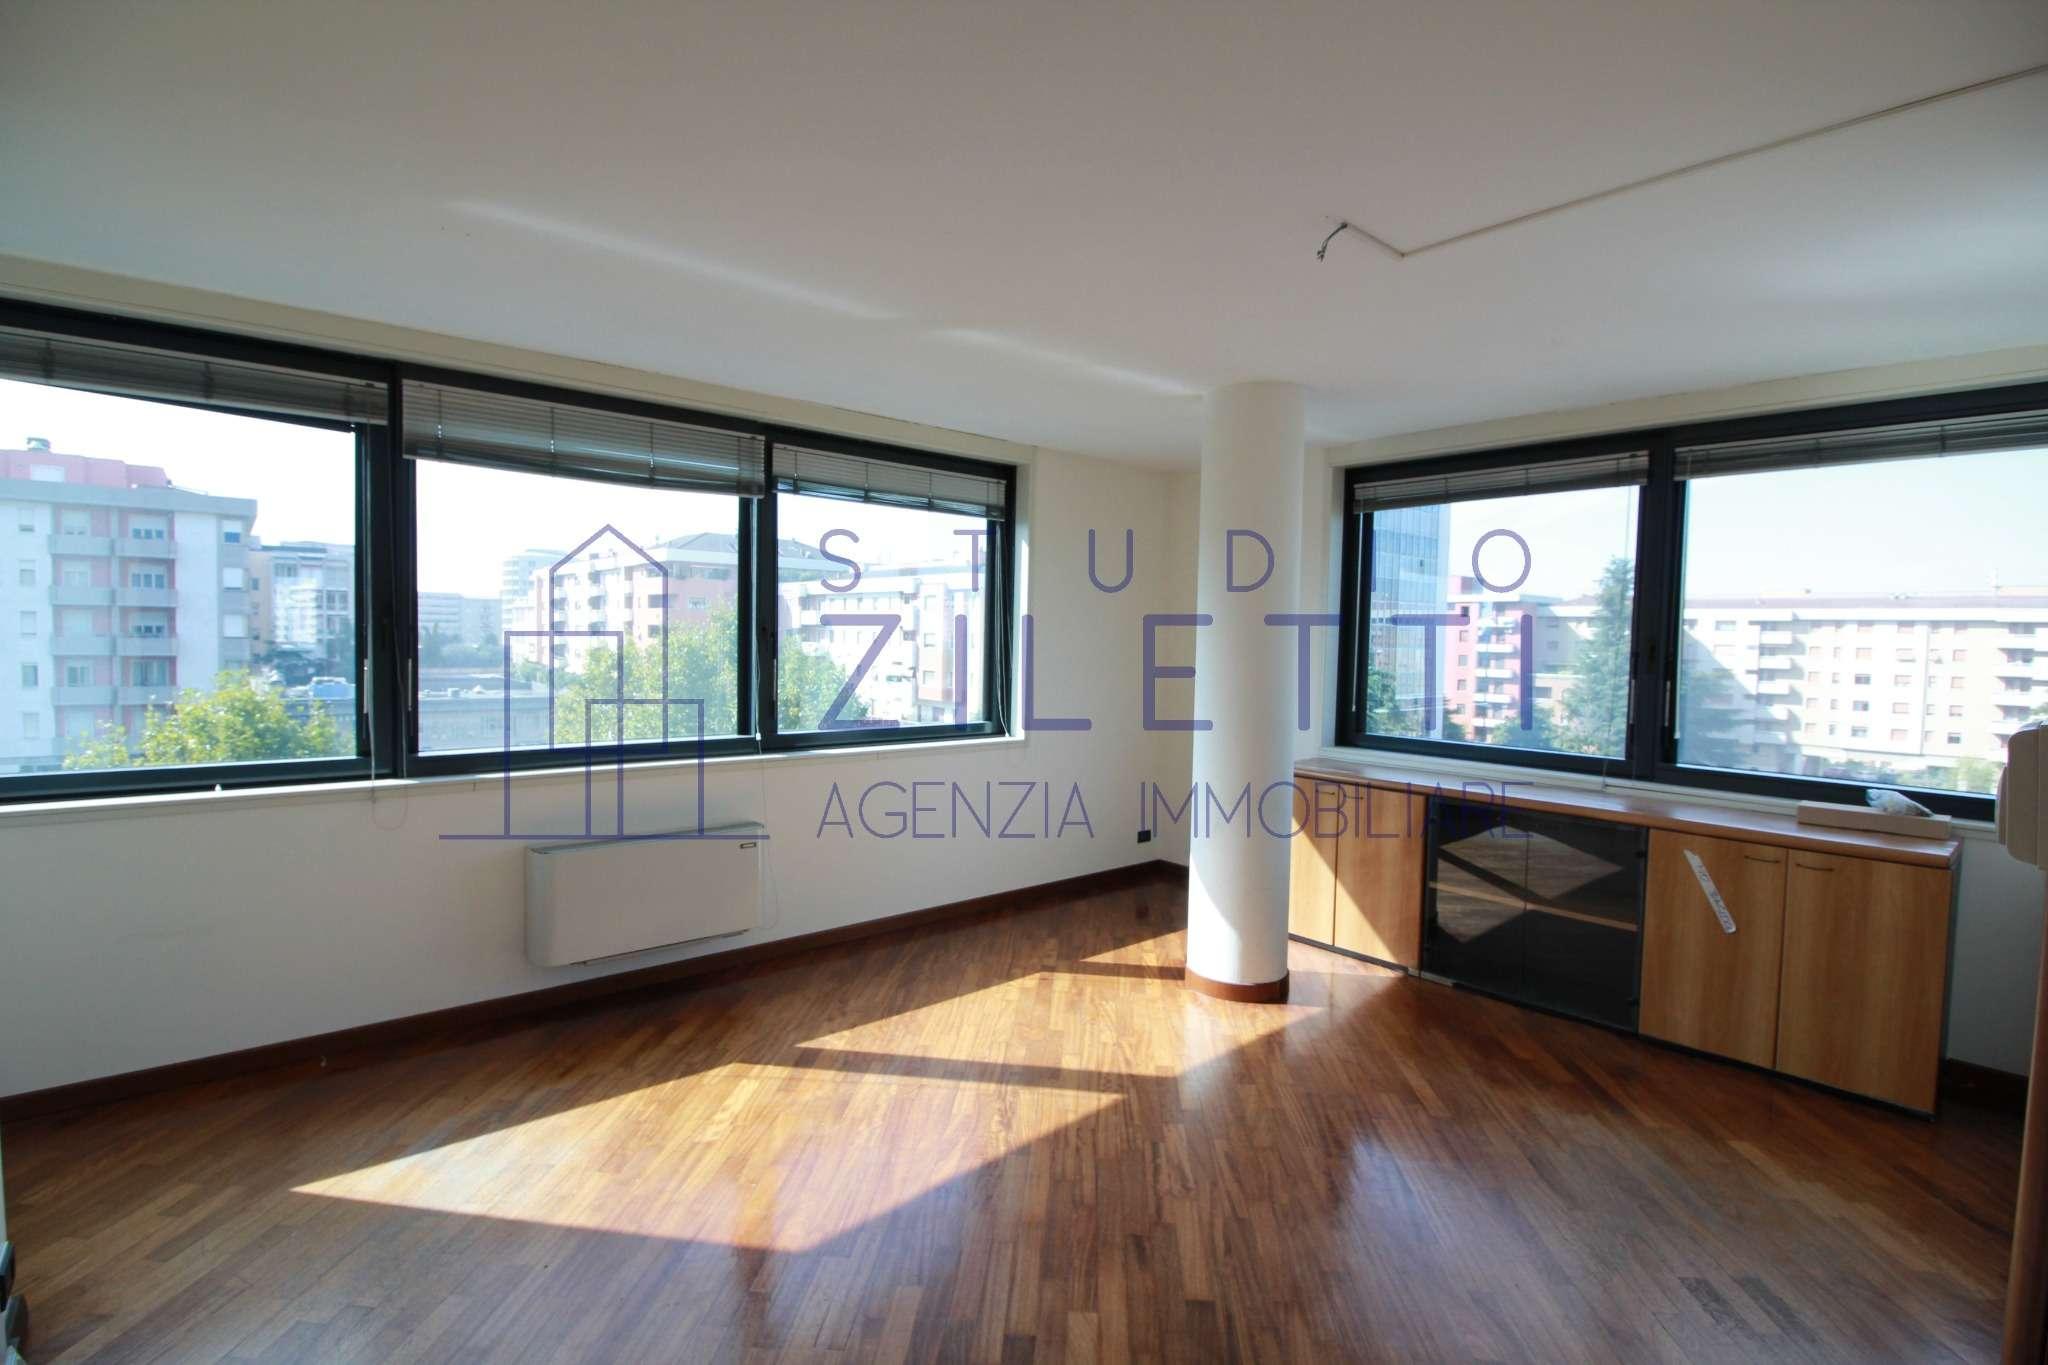 Ufficio / Studio in vendita a Brescia, 5 locali, prezzo € 378.000   PortaleAgenzieImmobiliari.it